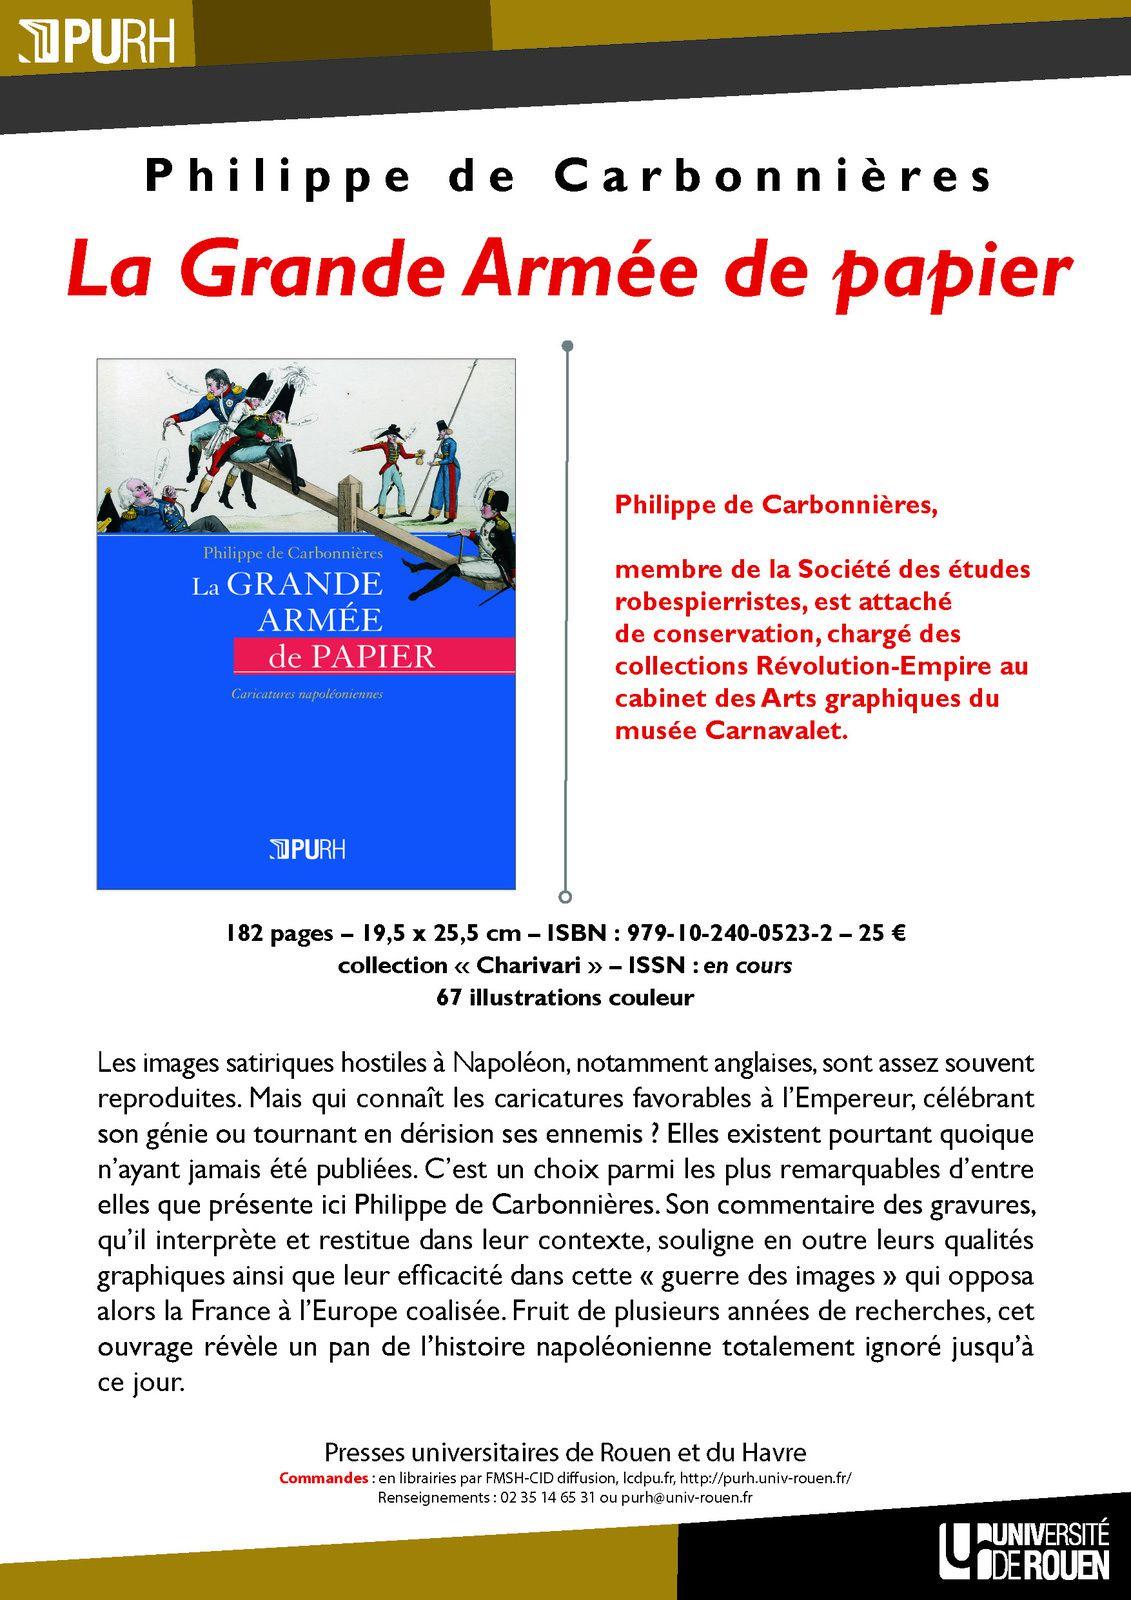 Philippe de Carbonnières, &quot&#x3B;La Grande Armée de papier&quot&#x3B; : les images satiriques favorables à Napoléon Ier